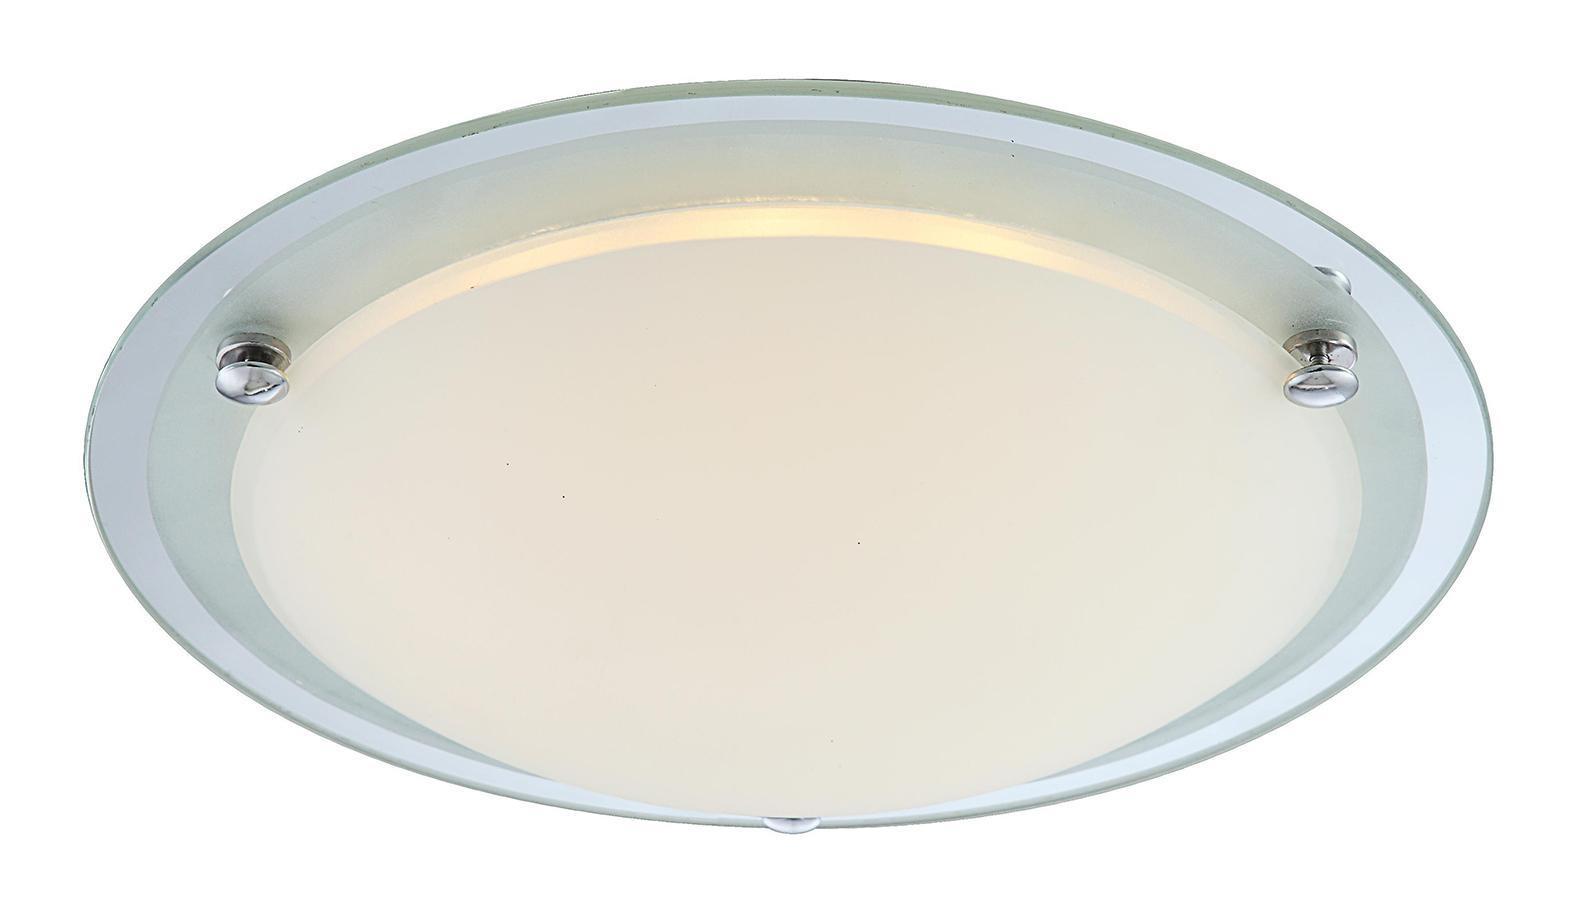 48425 SPECCHIO II Потолочный светильник48425Светильник globo SPECCHIO II 48425 настенно потолочный представлен со светодиодными и люминесцентными лампами, что позволяет экономить потребление электроэнергии при достаточной освещенности. Но компания не ограничивает свое производство выпуском настенно-потолочных светильников, а также выпускает люстры, бра, торшеры, подсветки, а также уличные потолочные и не только светильники. Материал: Арматура: Металл / Плафон: Стекло Цвет: Арматура: Серебристый / Плафон: Матовый Размер: 31,5х31,5х9 Материал: Арматура: Металл / Плафон: Стекло Цвет: Арматура: Серебристый / Плафон: Матовый Размер: 31,5х31,5х9